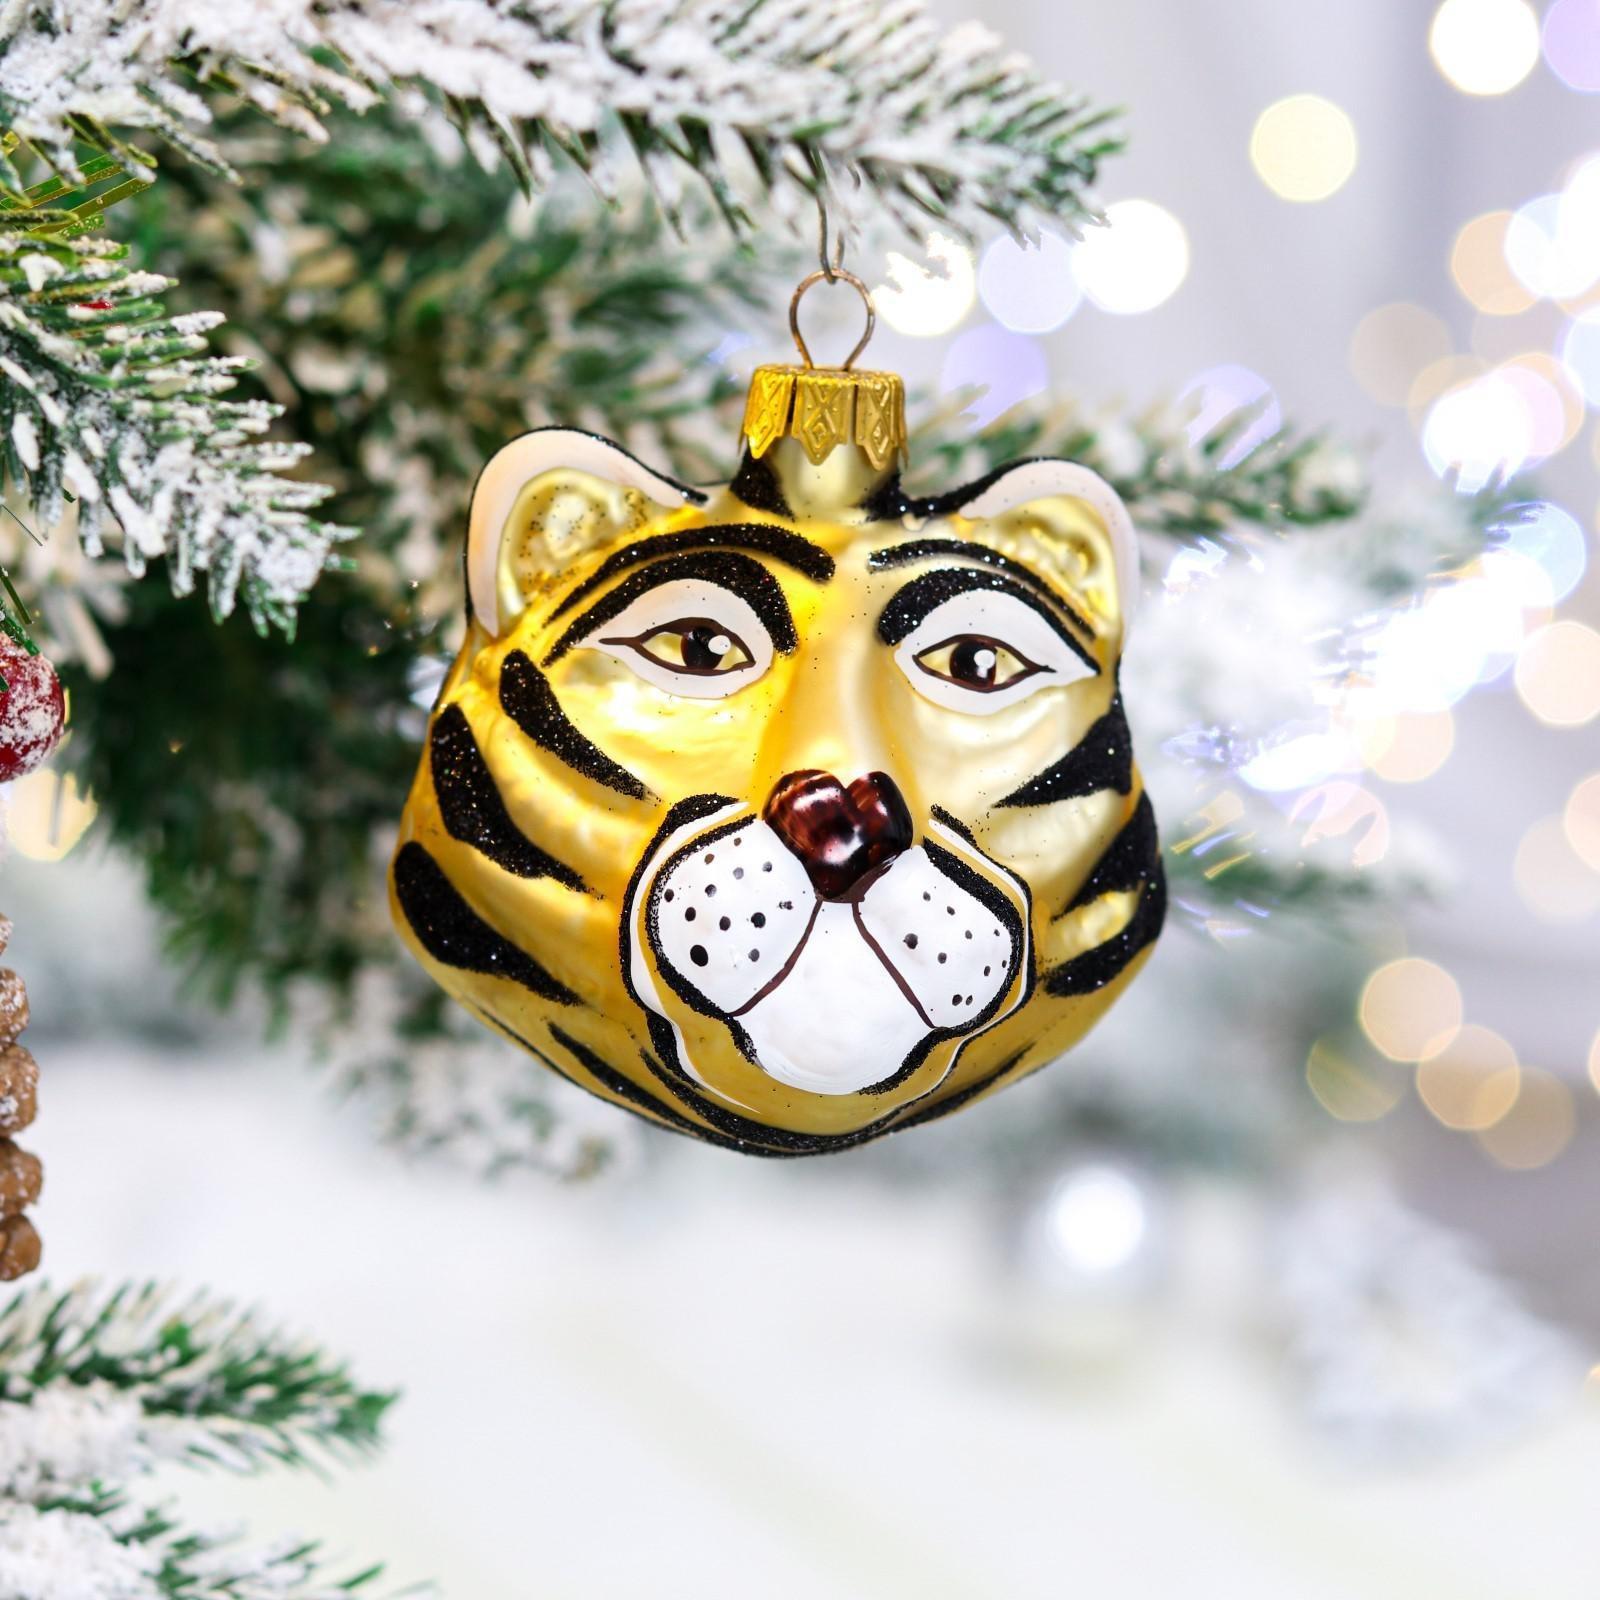 """Ёлочная игрушка """"Тигр"""", символ года 2022, 7.5 см"""